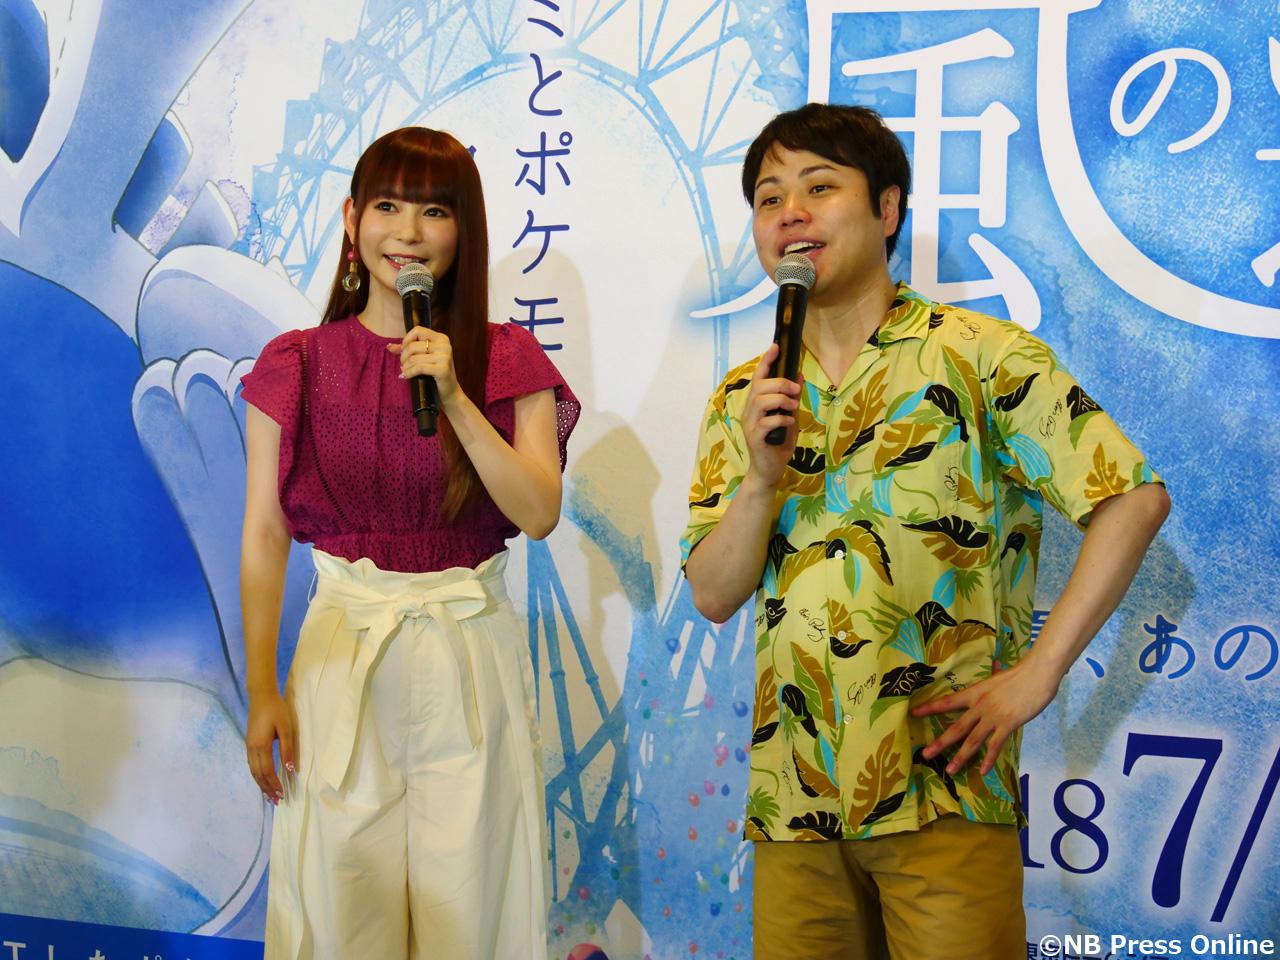 中川翔子×井上裕介(NON STYLE) - リアル脱出ゲーム『風の遊園地からの脱出』